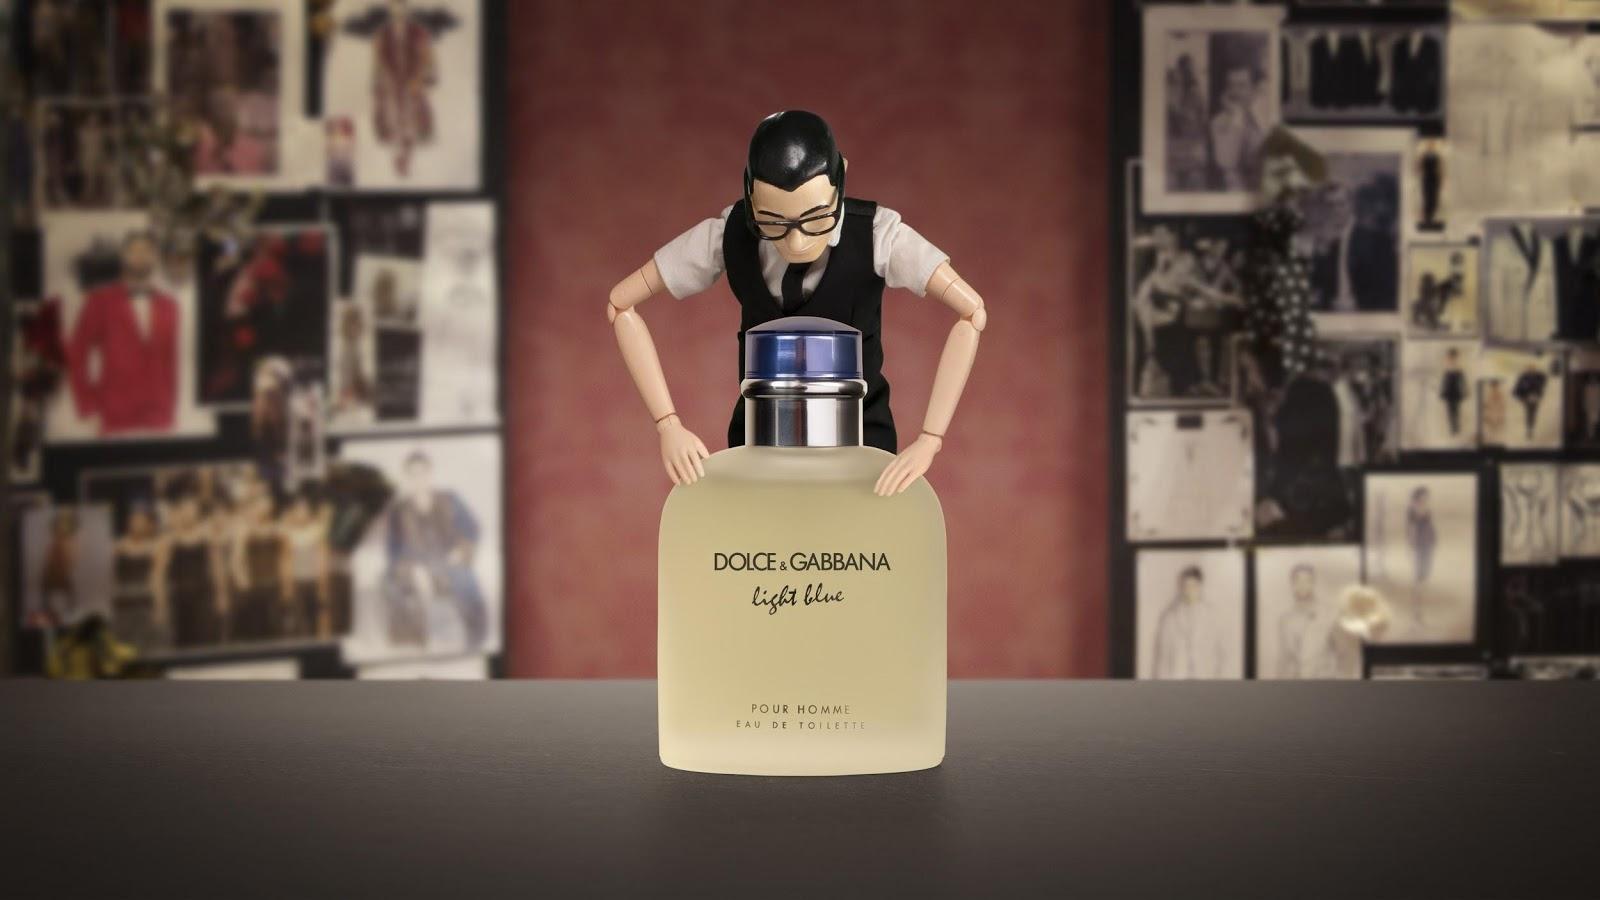 Las mejores fragancias de Dolce&Gabbana para regalar esta Navidad 2020